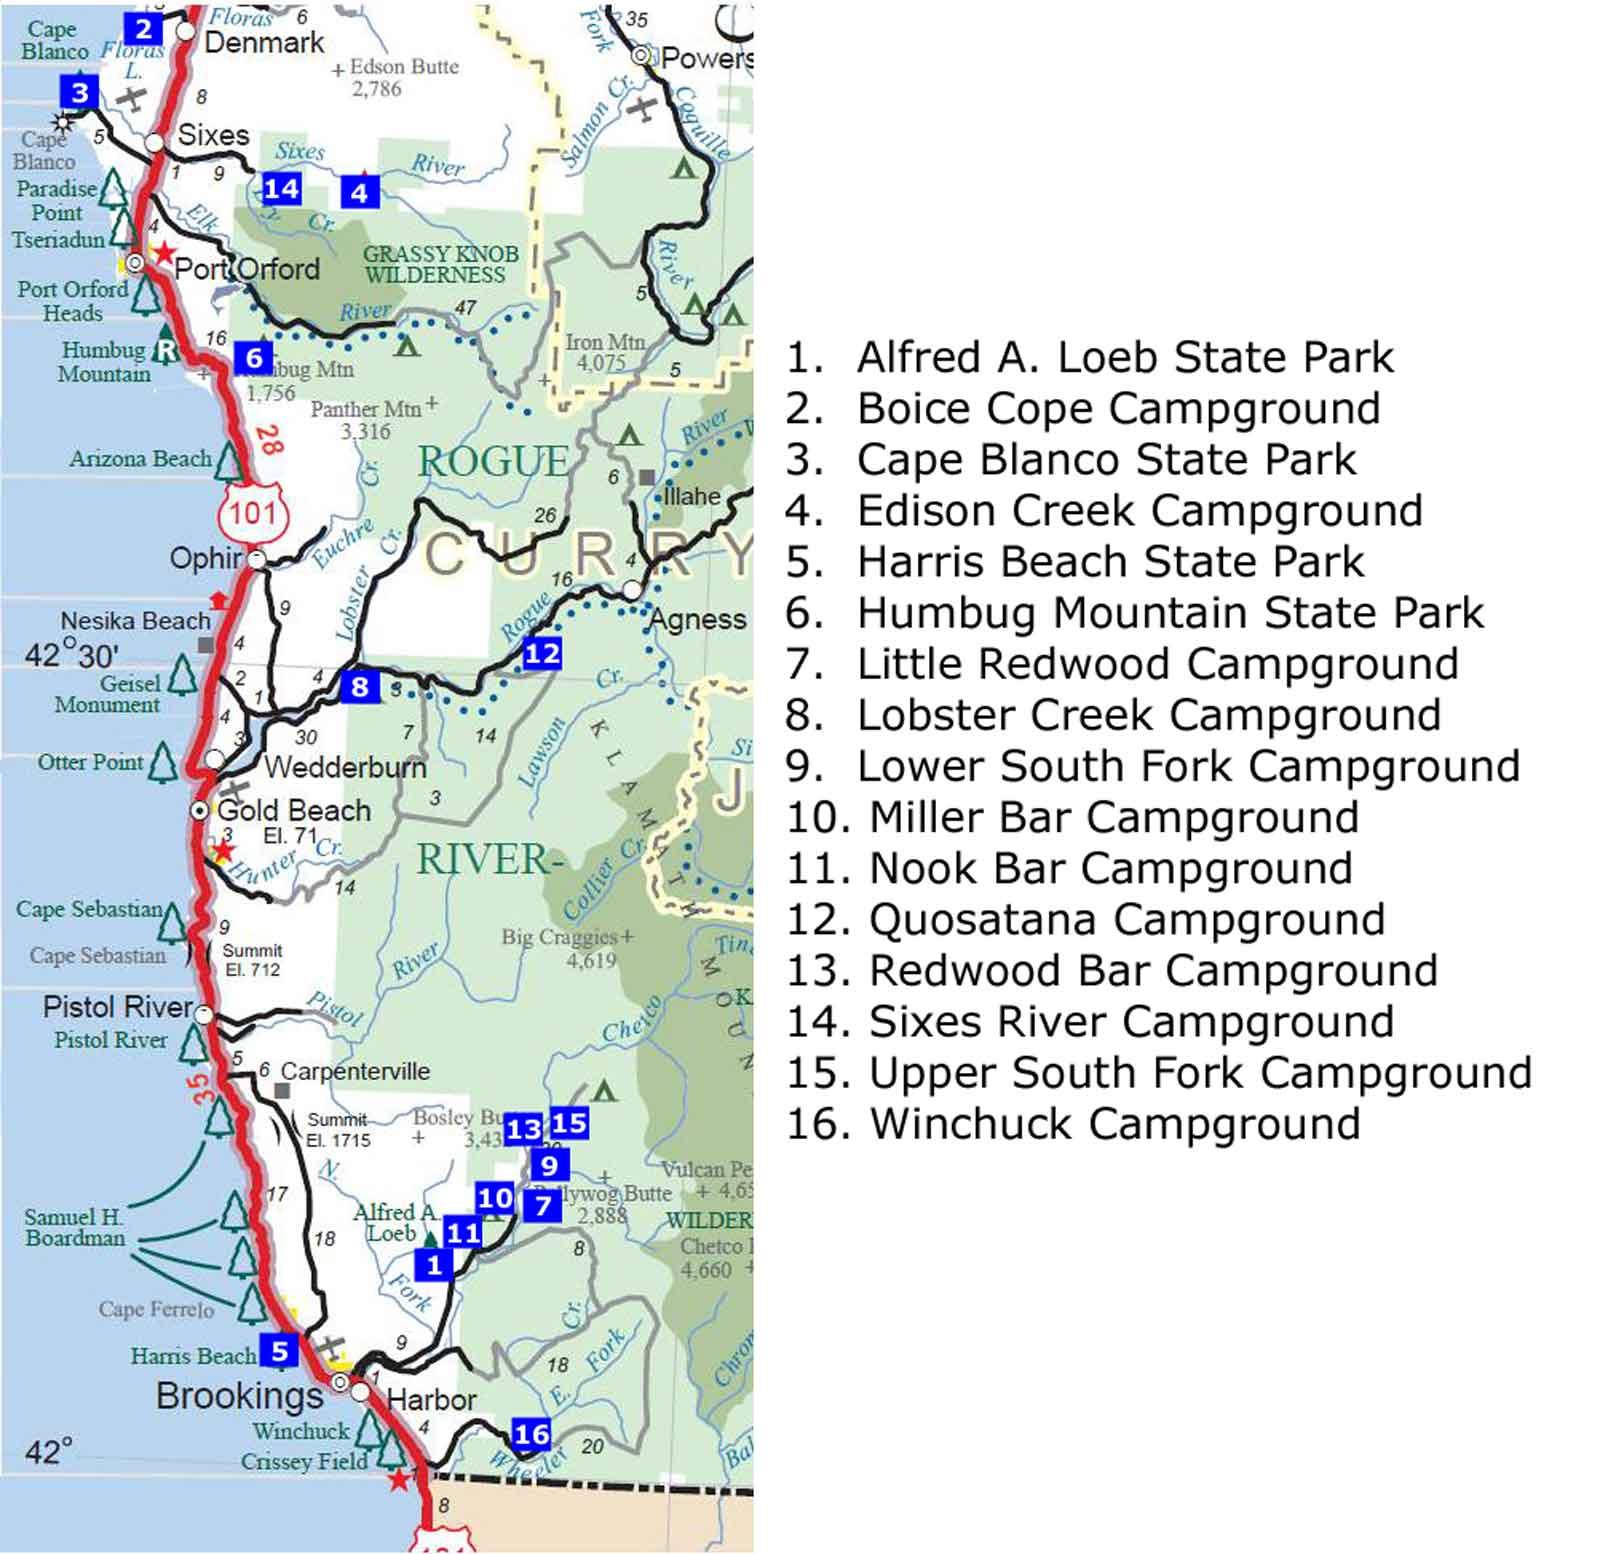 Map Oregon Washington Coast California River Map California Coast - California Coast Attractions Map